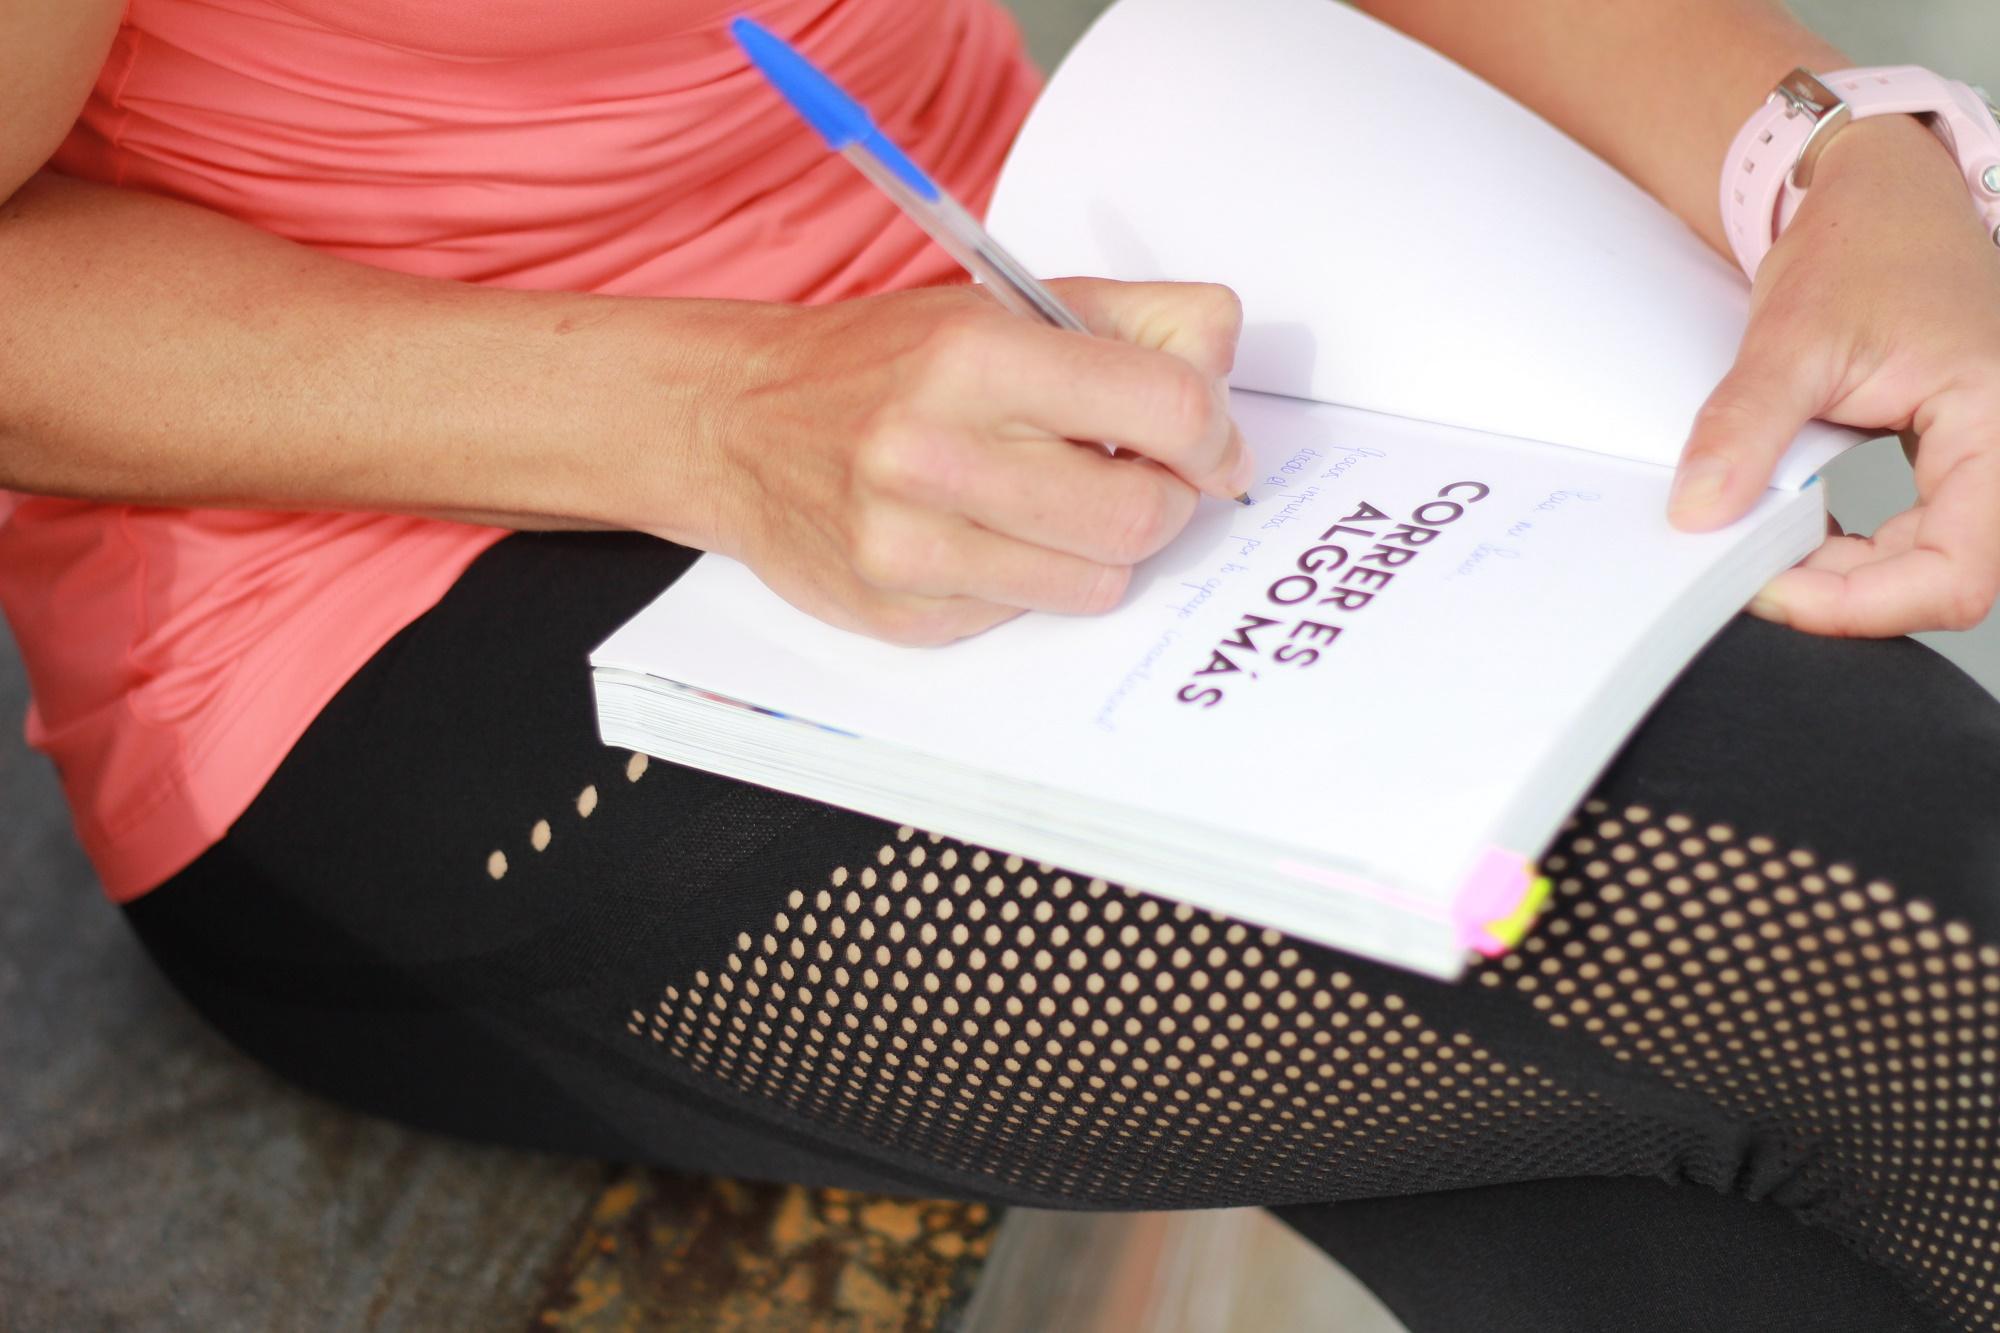 firma d elibros feria del libro rivas vaciamadrid isabel del barrio correr es algo mas correr no es solo correr